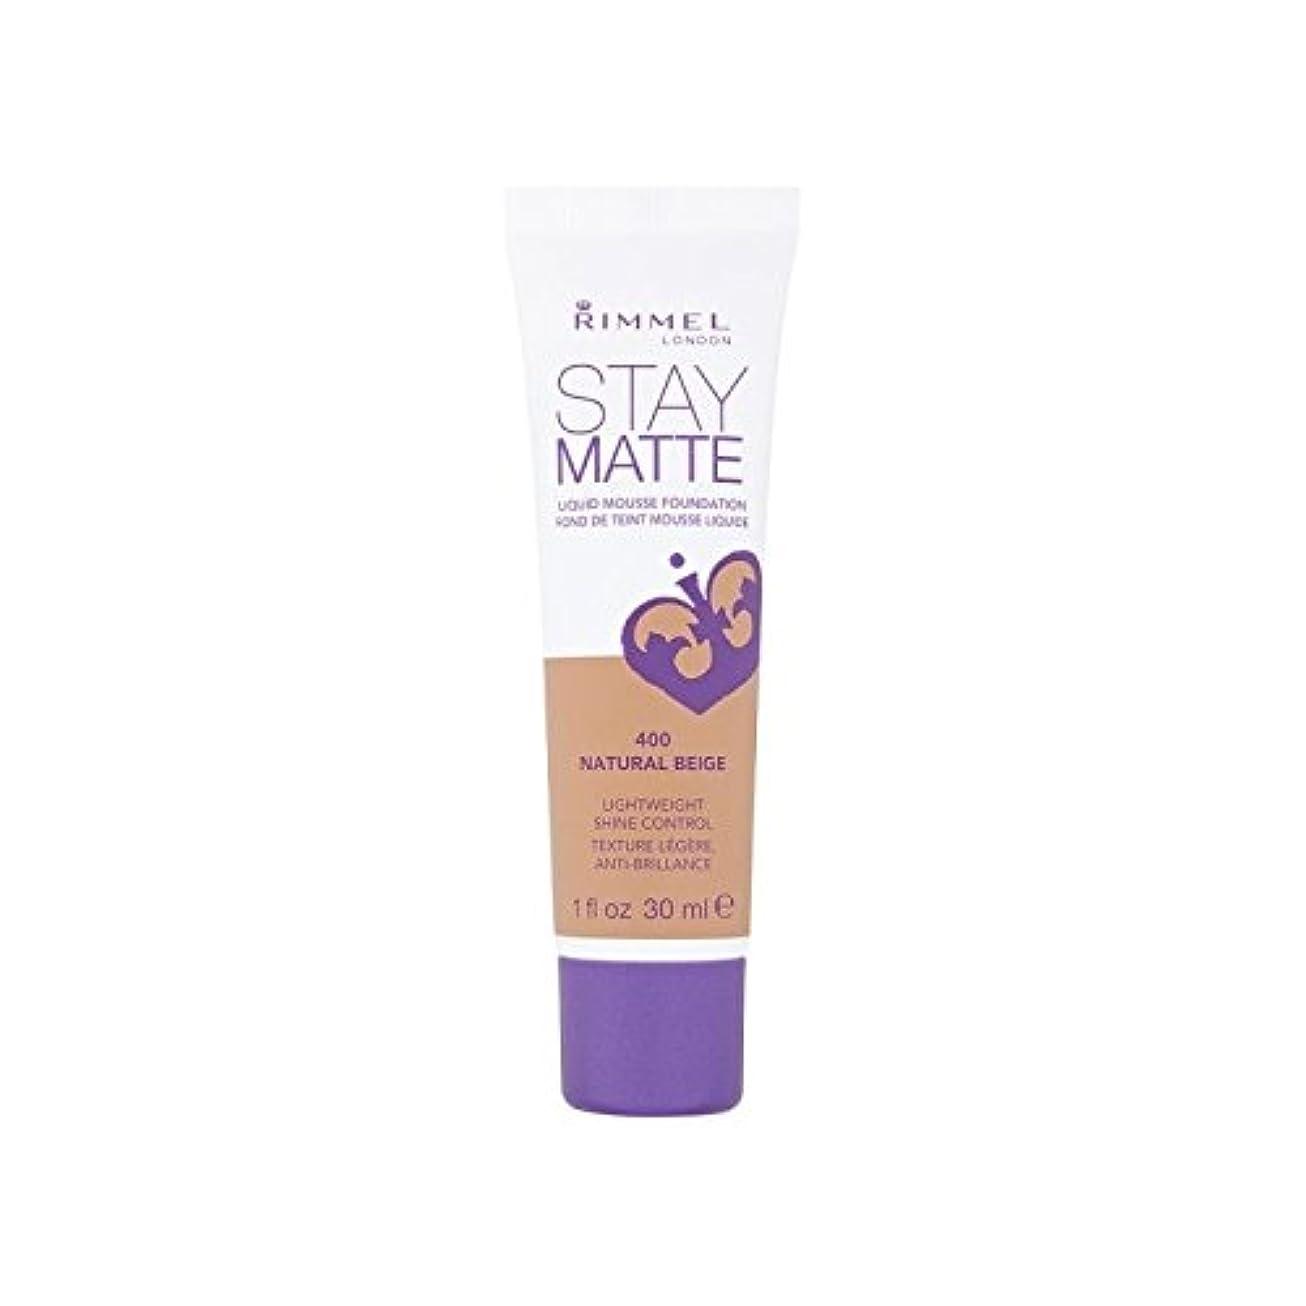 アノイ移民立場リンメルステイマット基盤自然ベージュ x4 - Rimmel Stay Matte Foundation Natural Beige (Pack of 4) [並行輸入品]